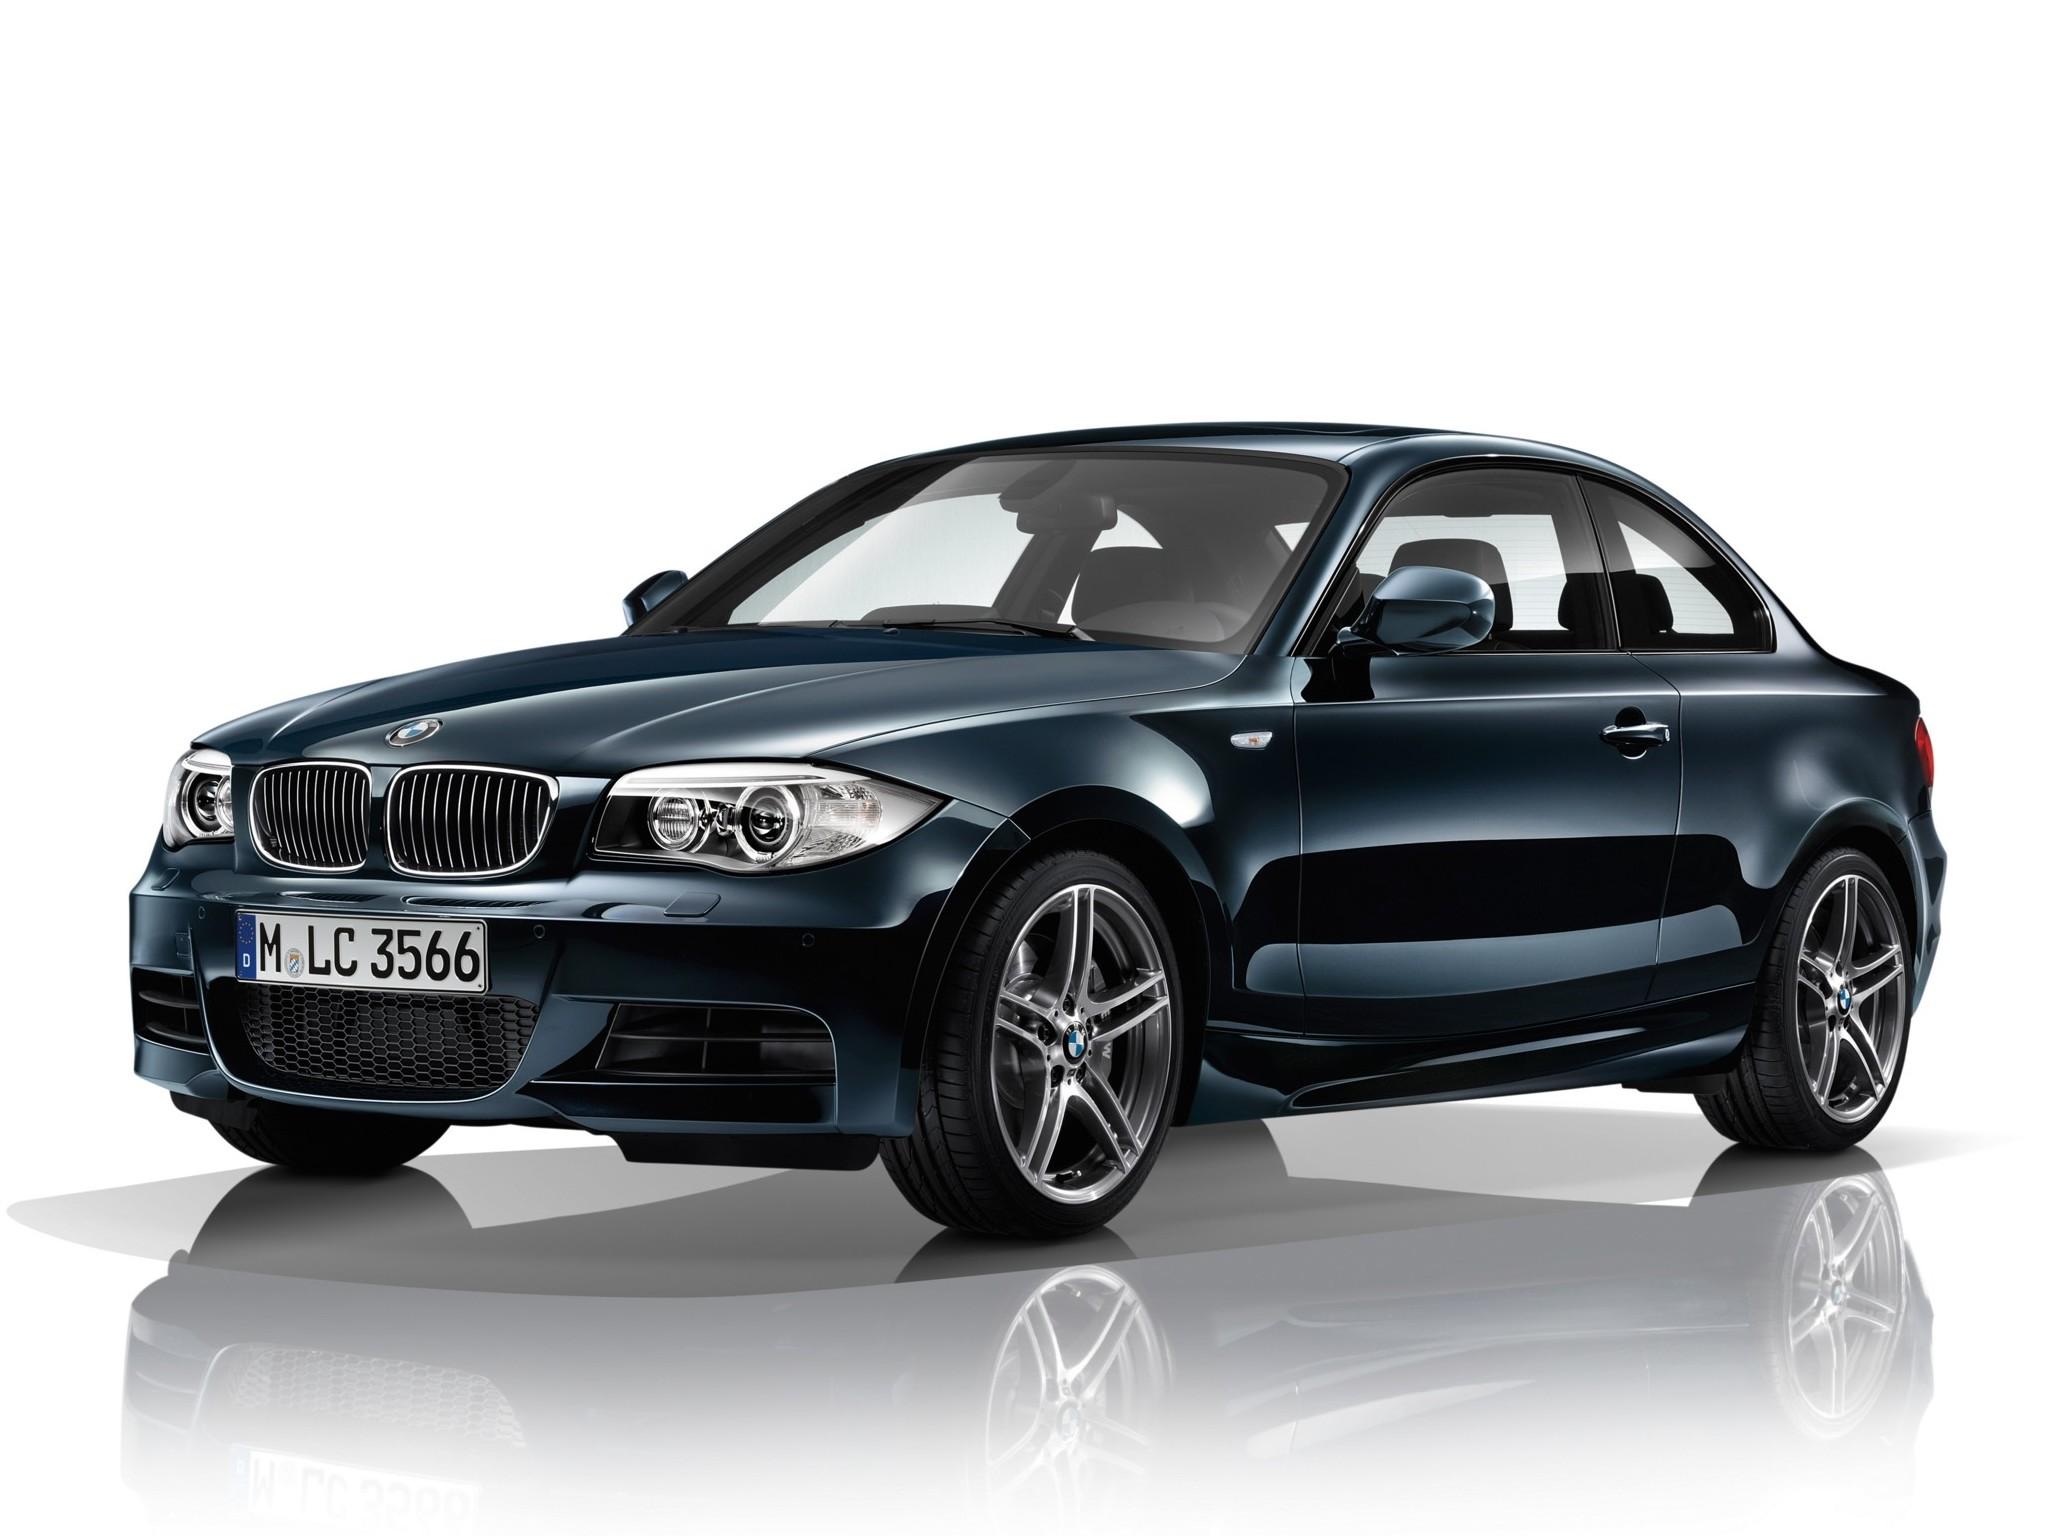 BMW 1 Series Coupe (E82) - 2010, 2011, 2012, 2013 ...